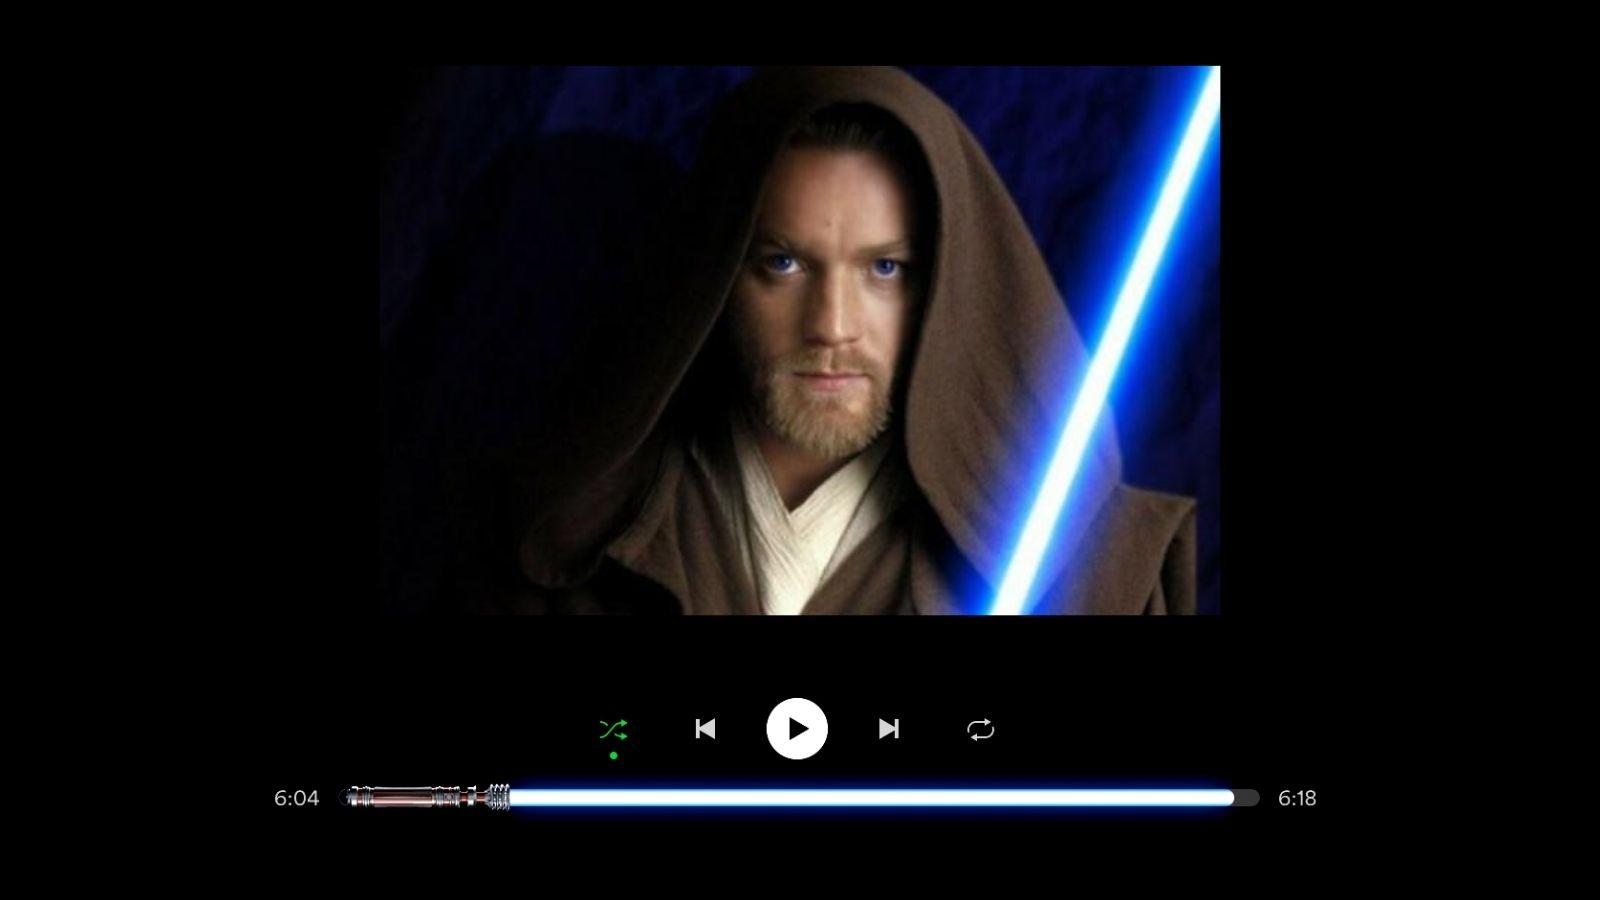 Truco de Spotify: Cómo poner espada láser de Star Wars como barra de reproducción